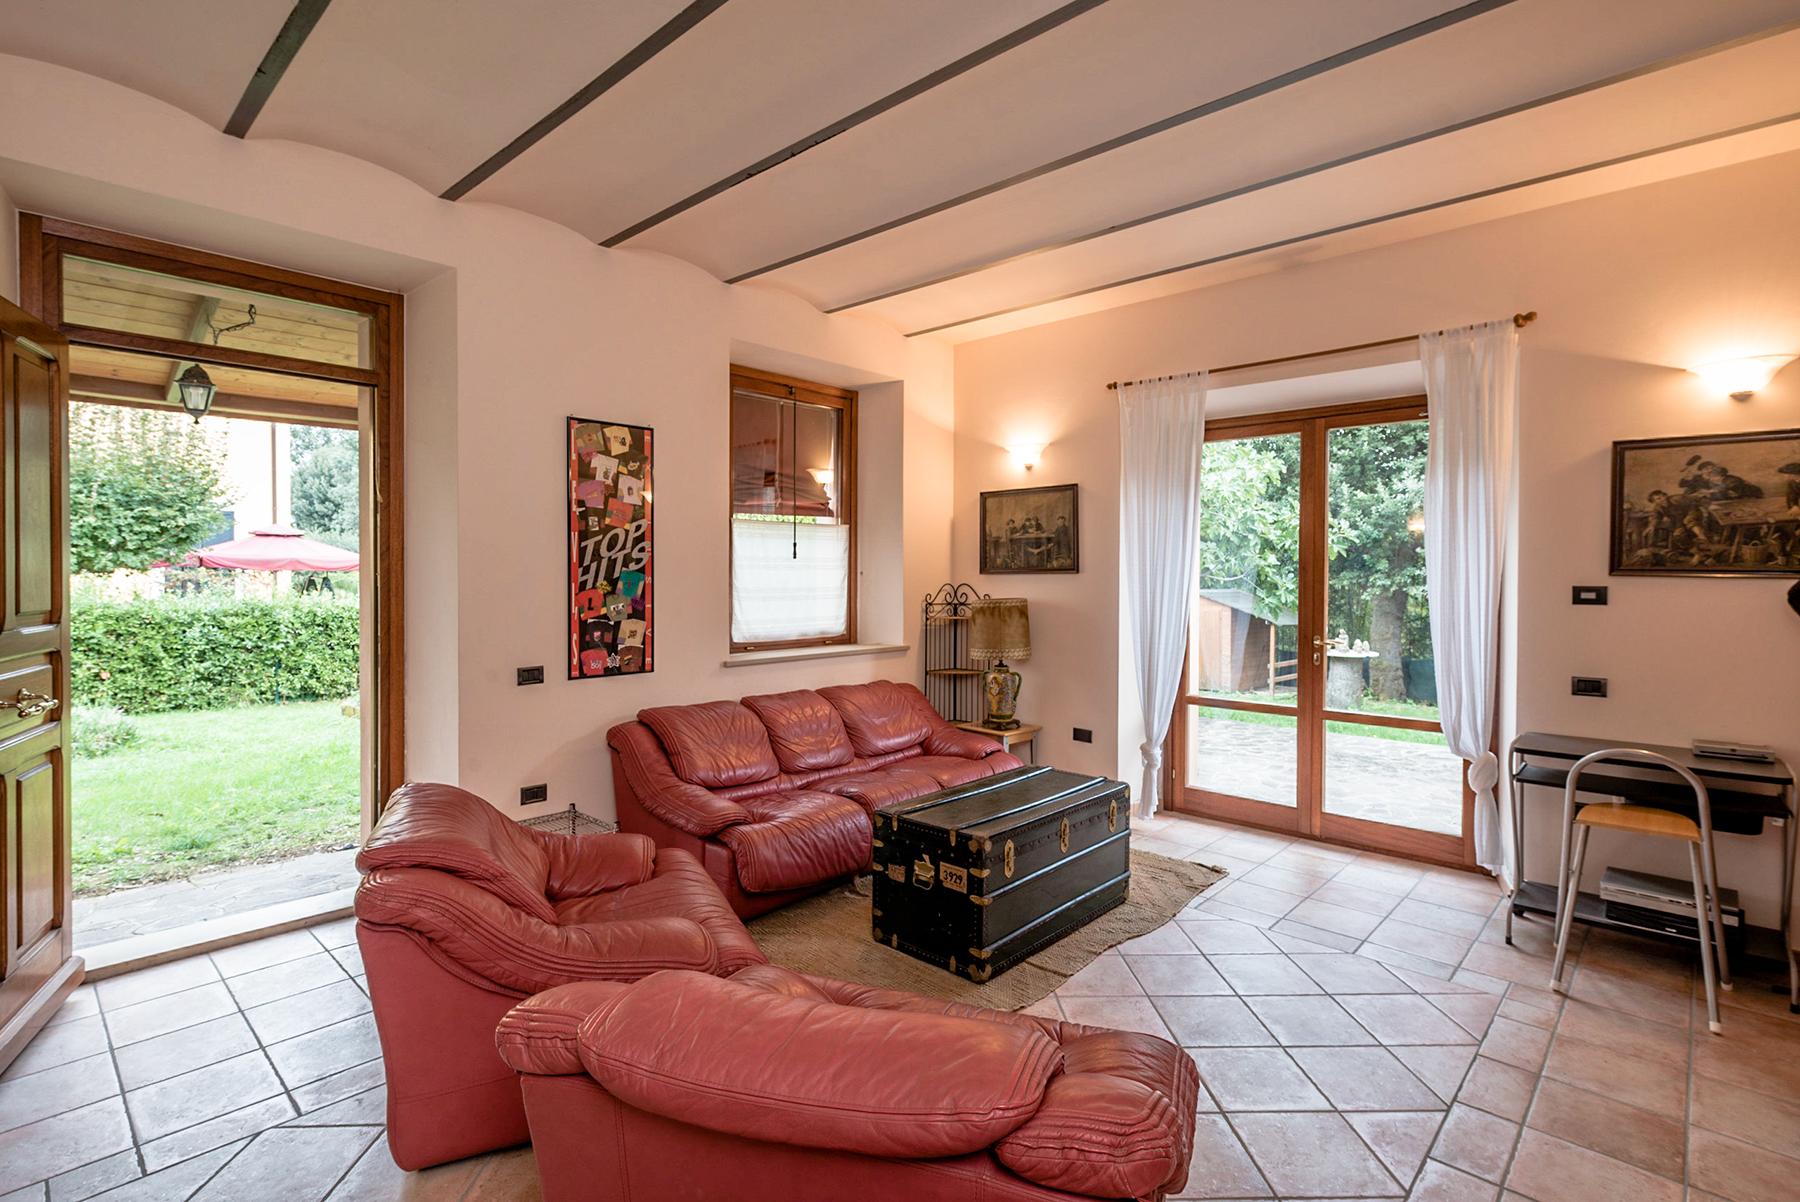 Villa in Vendita a Mondolfo via valcesano